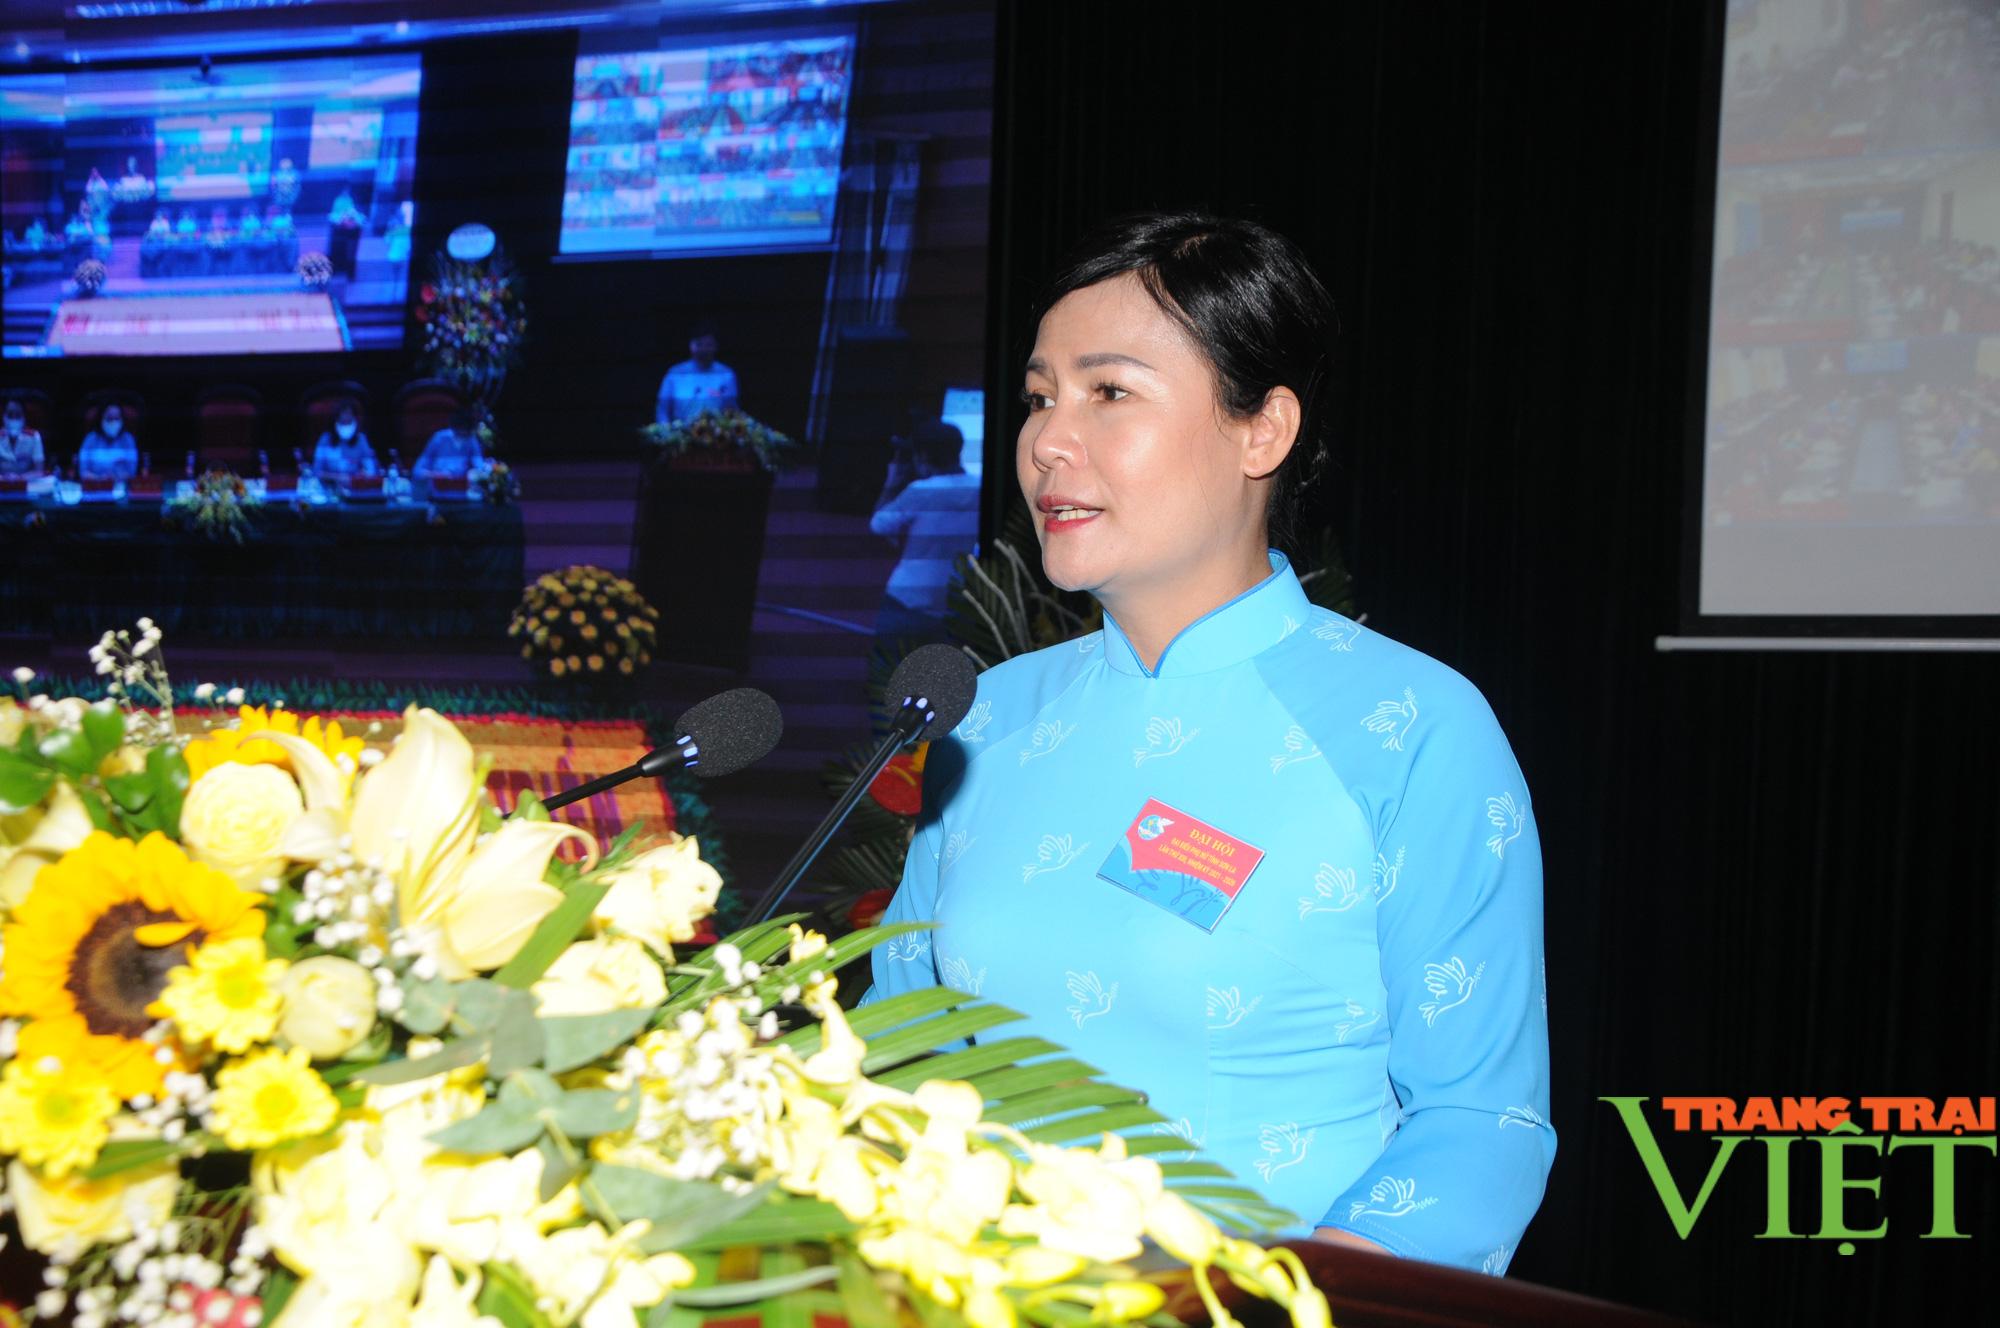 Hội Liên hiệp Phụ nữ tỉnh Sơn La: Giúp hơn 2.000 hộ nghèo thoát nghèo - Ảnh 1.